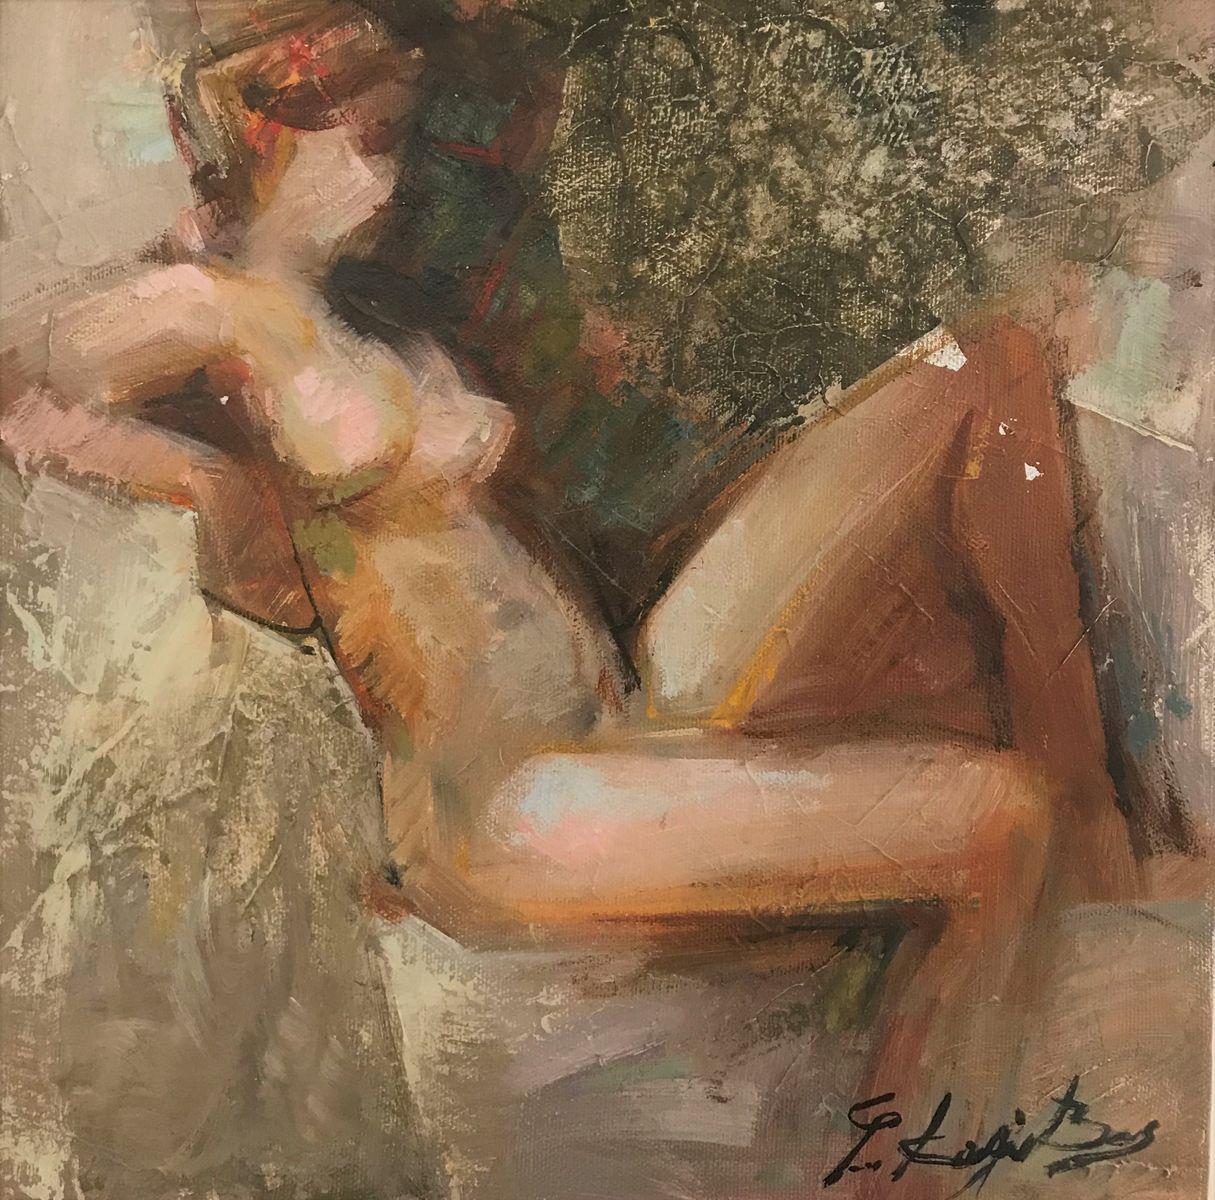 Γιώργος Καλύβας 30×30 εκ Ακρυλικά σε καμβά George Kalyvas 30×30 cm Acrylics on canvas